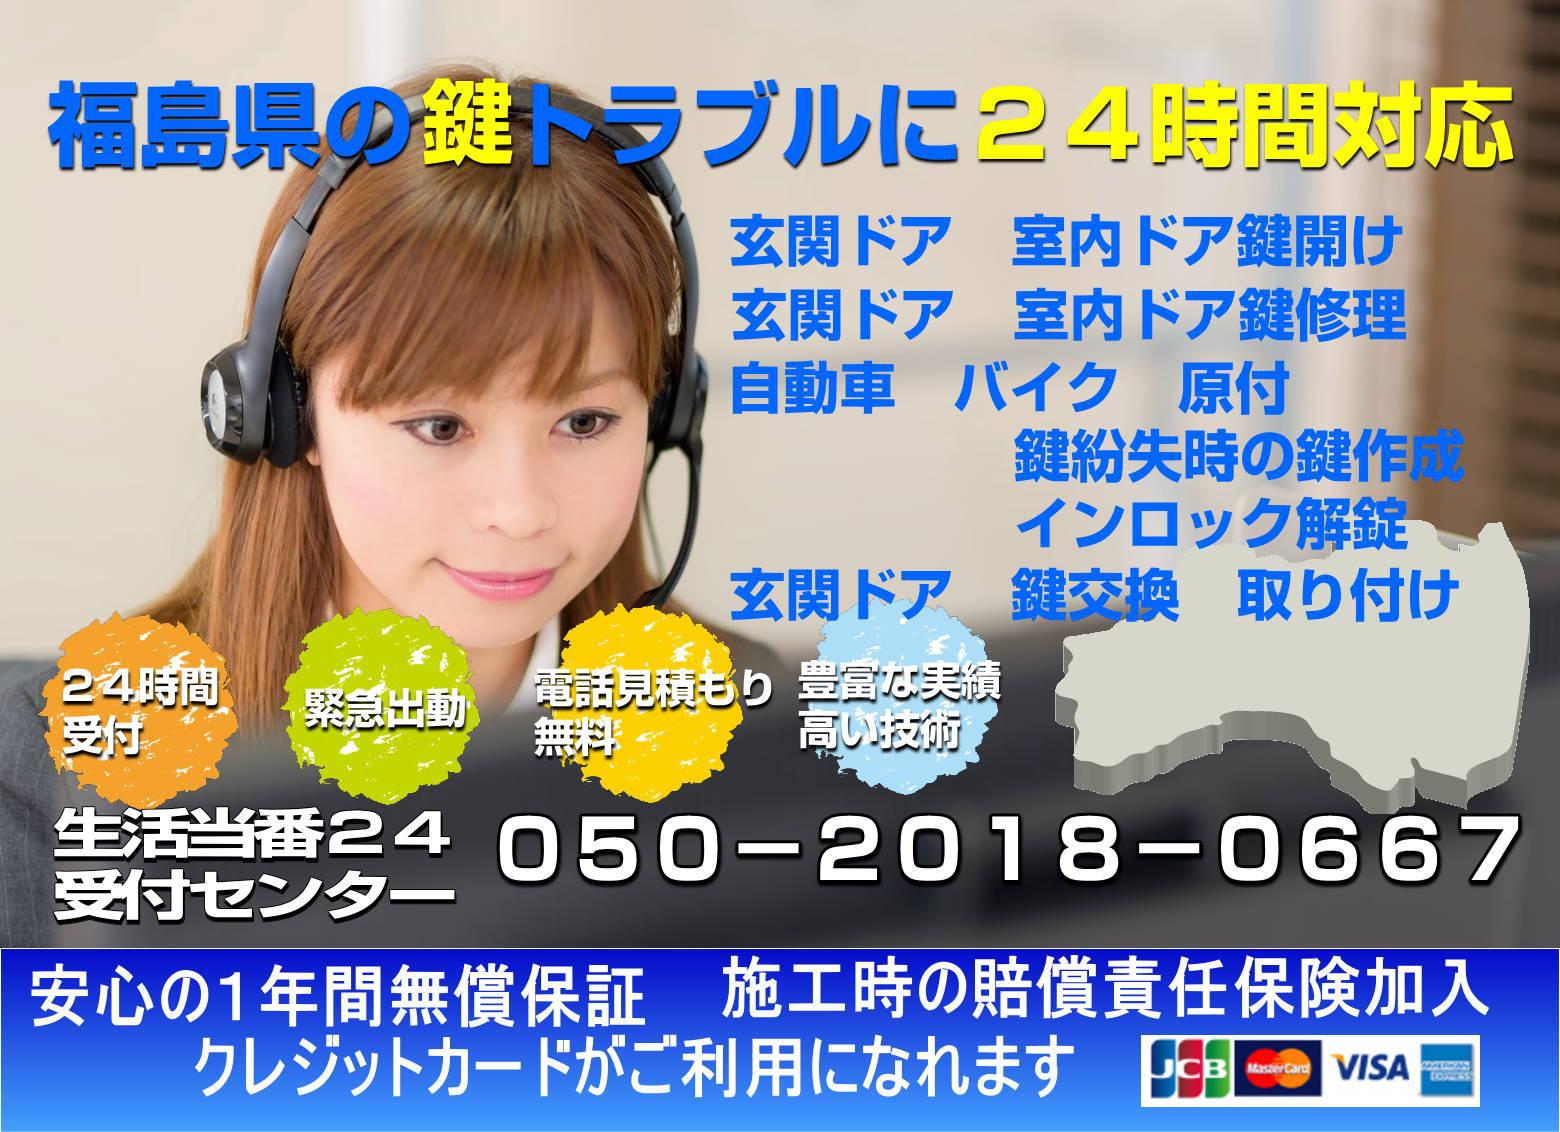 福島県鍵トラブル24時間対応